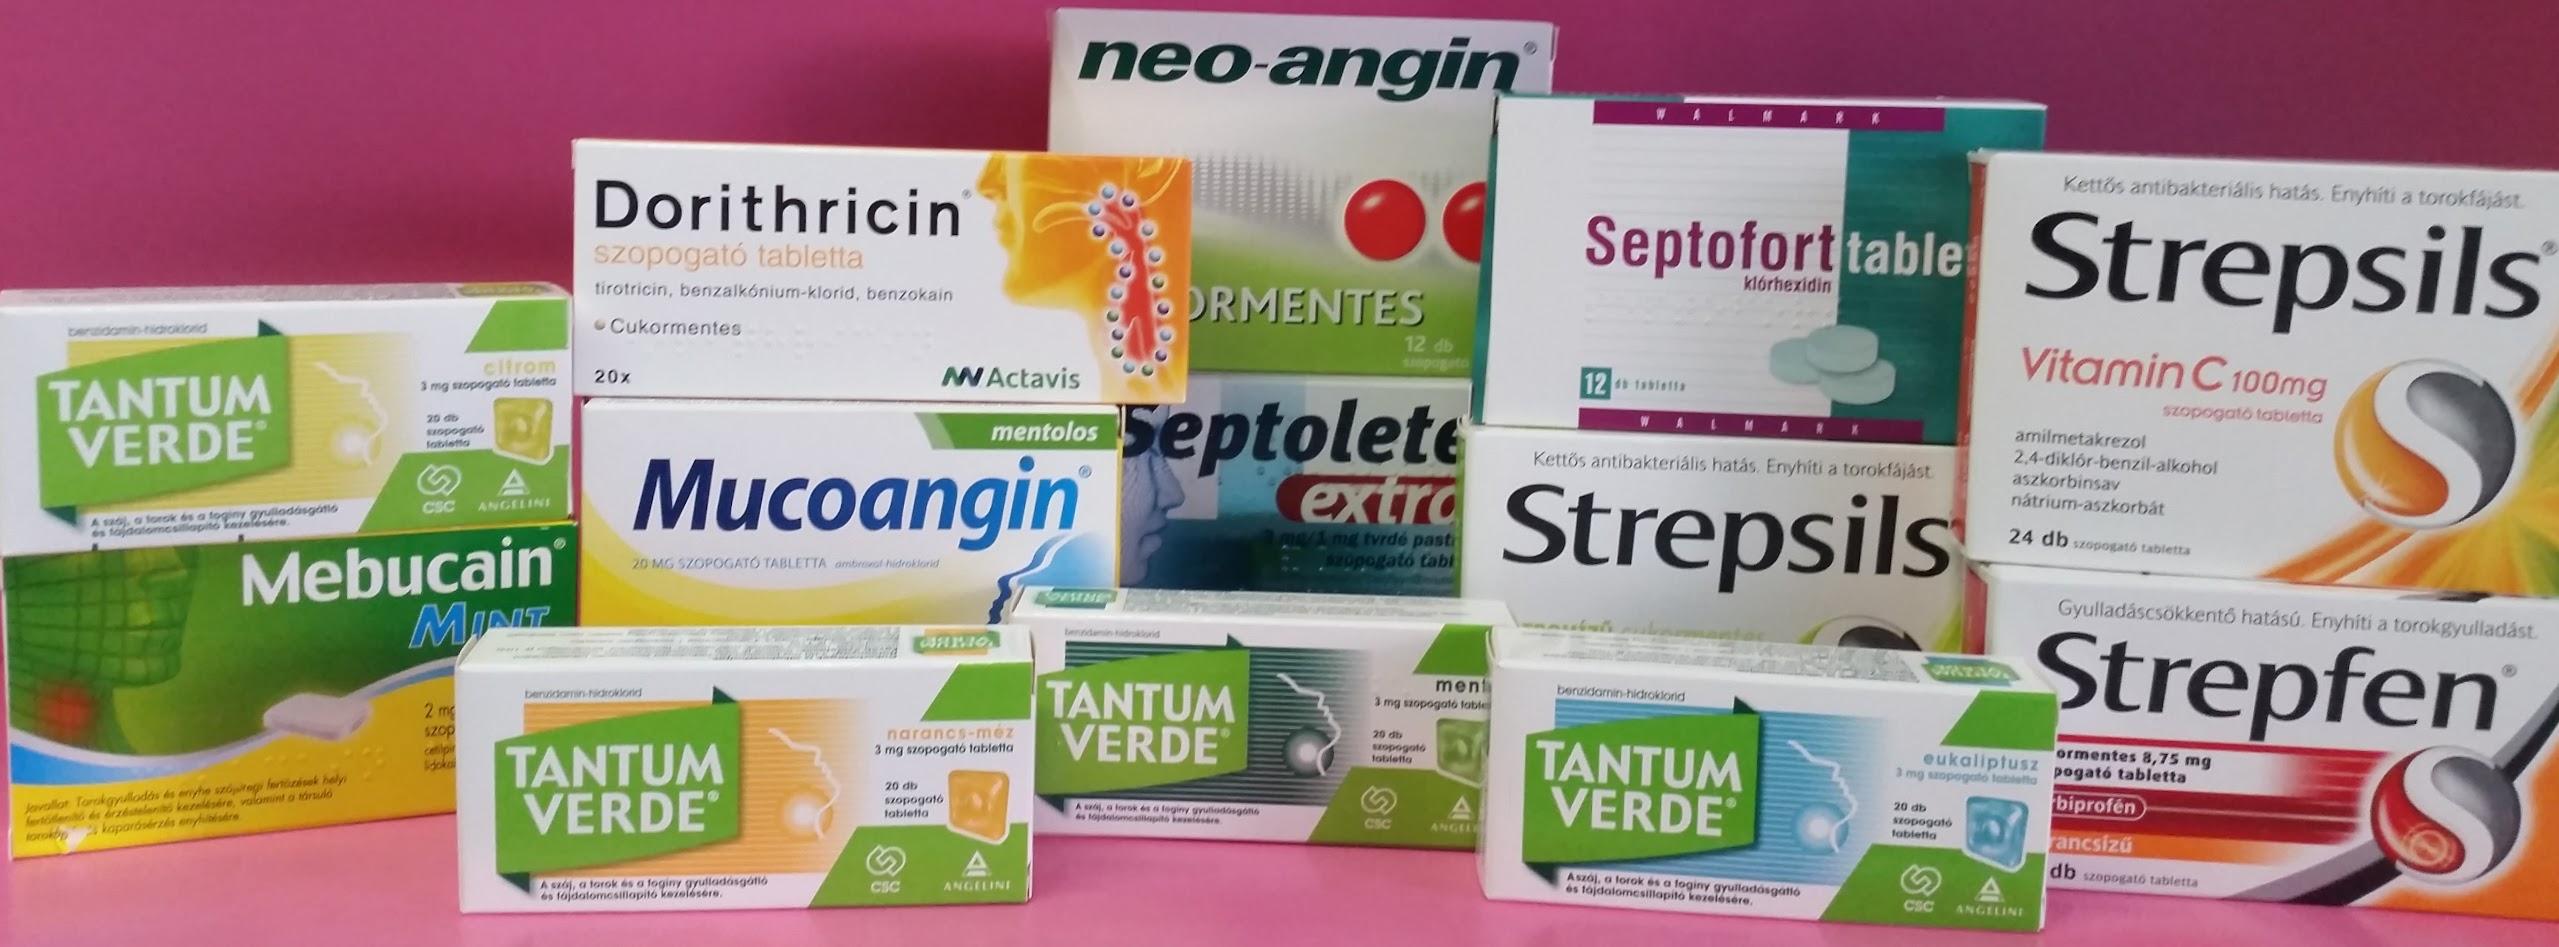 gyógyszerek a magas vérnyomás kezelésére pikkelysömörben polyoxidonium pikkelysömör kezelése